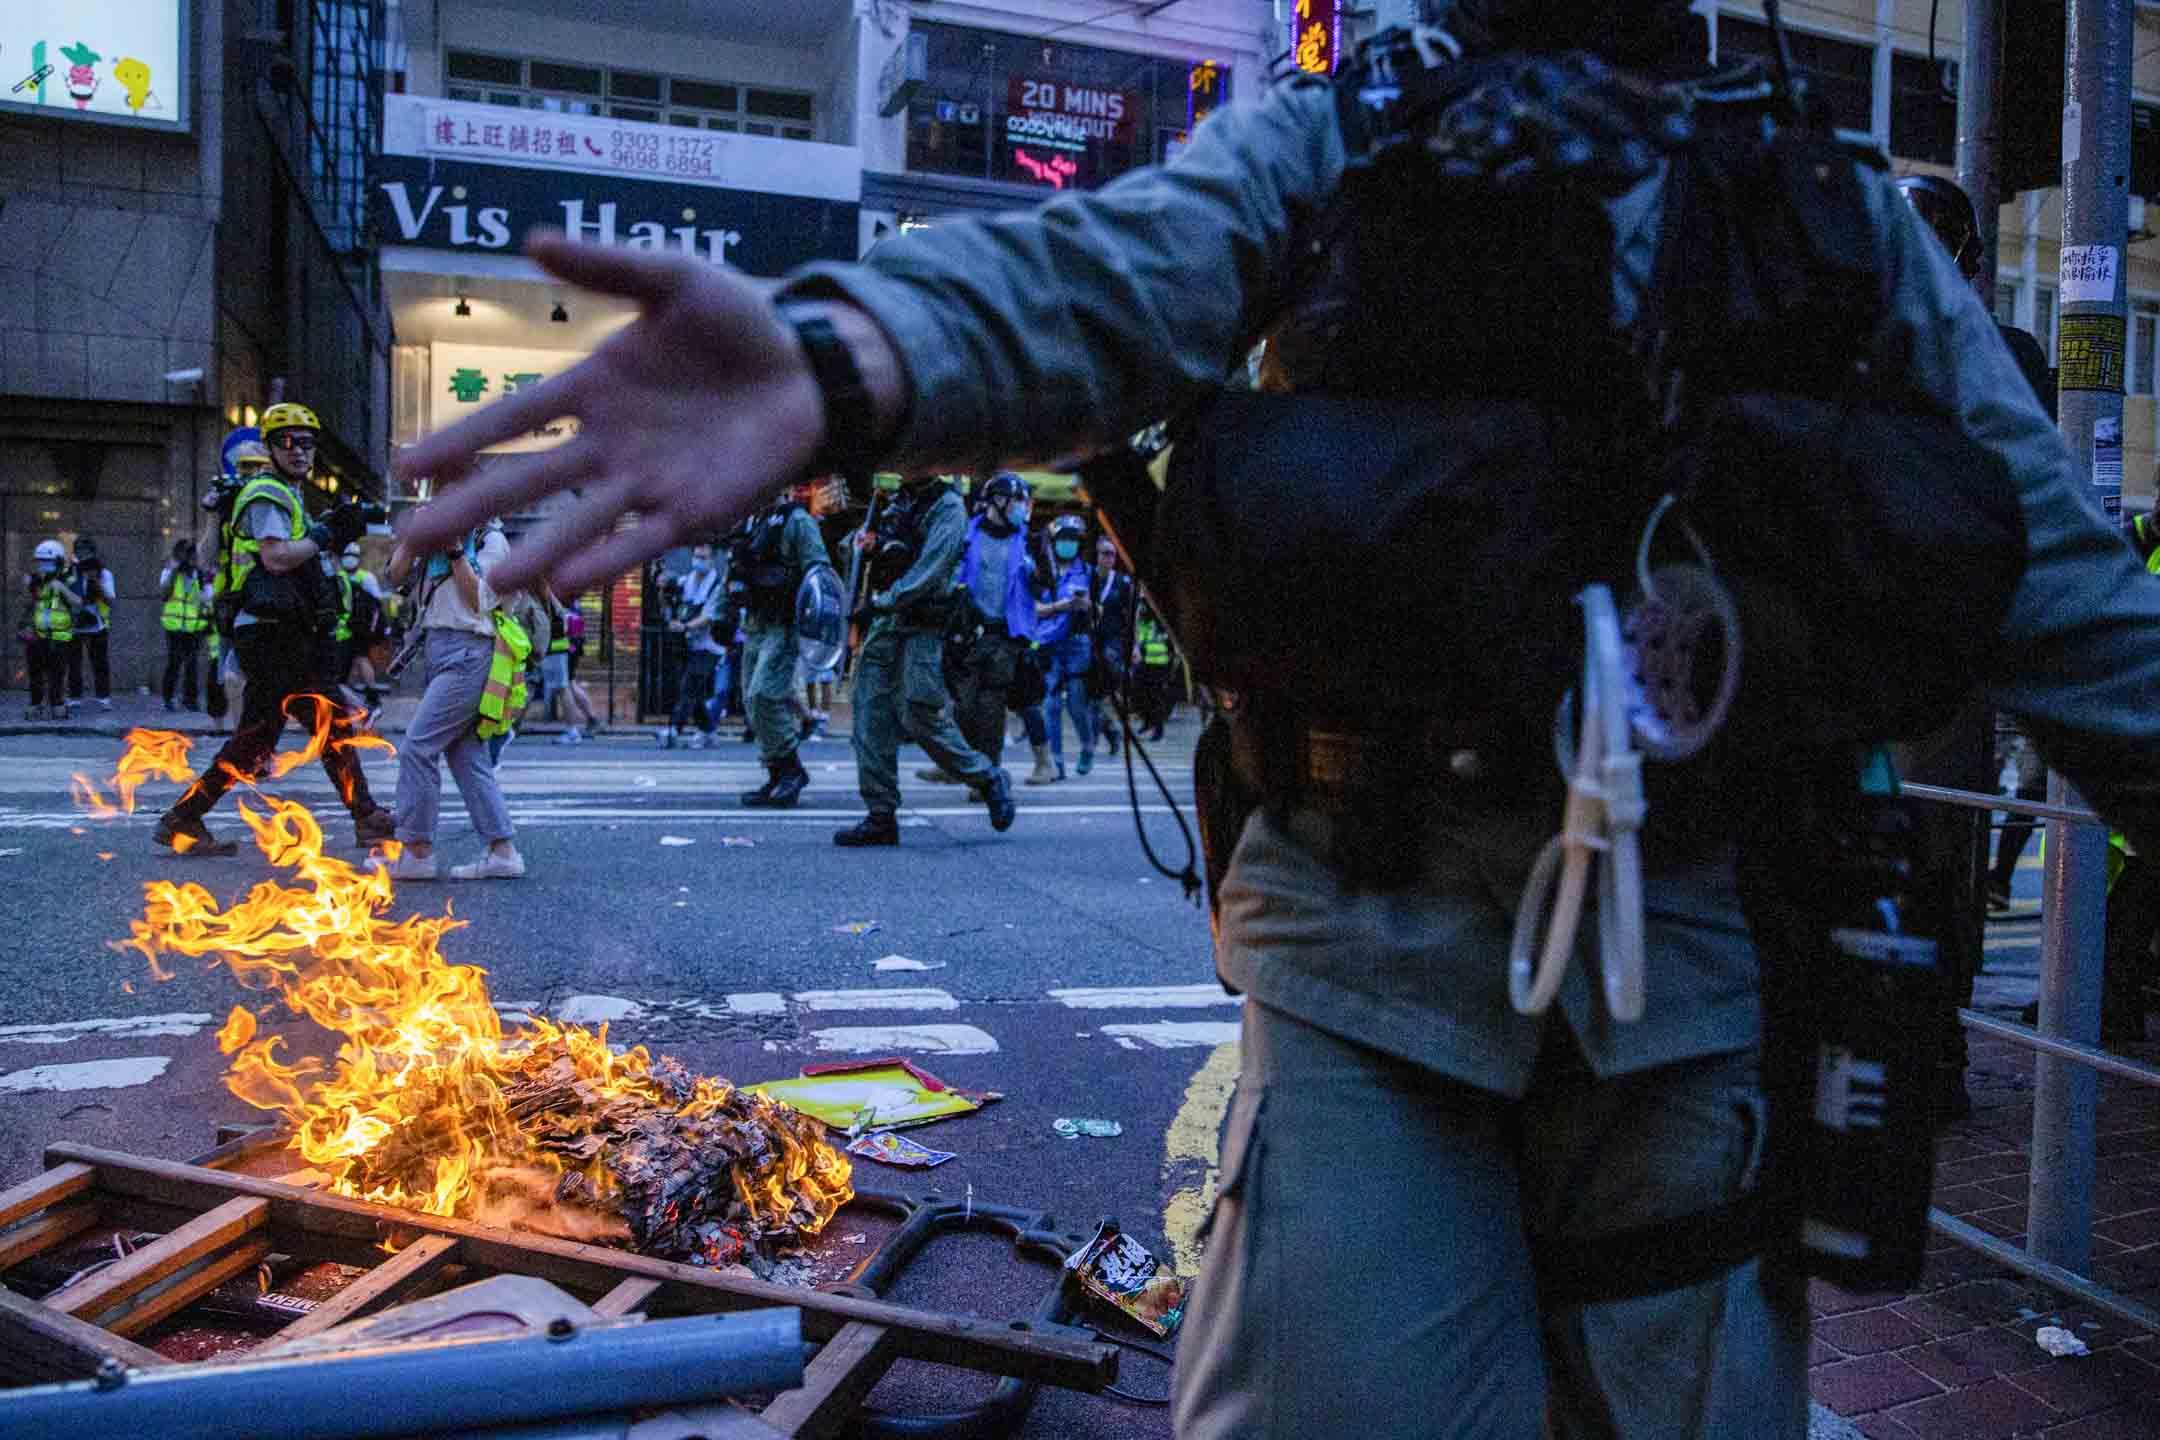 2020年7月1日,有人在銅鑼灣街上焚燒雜物。